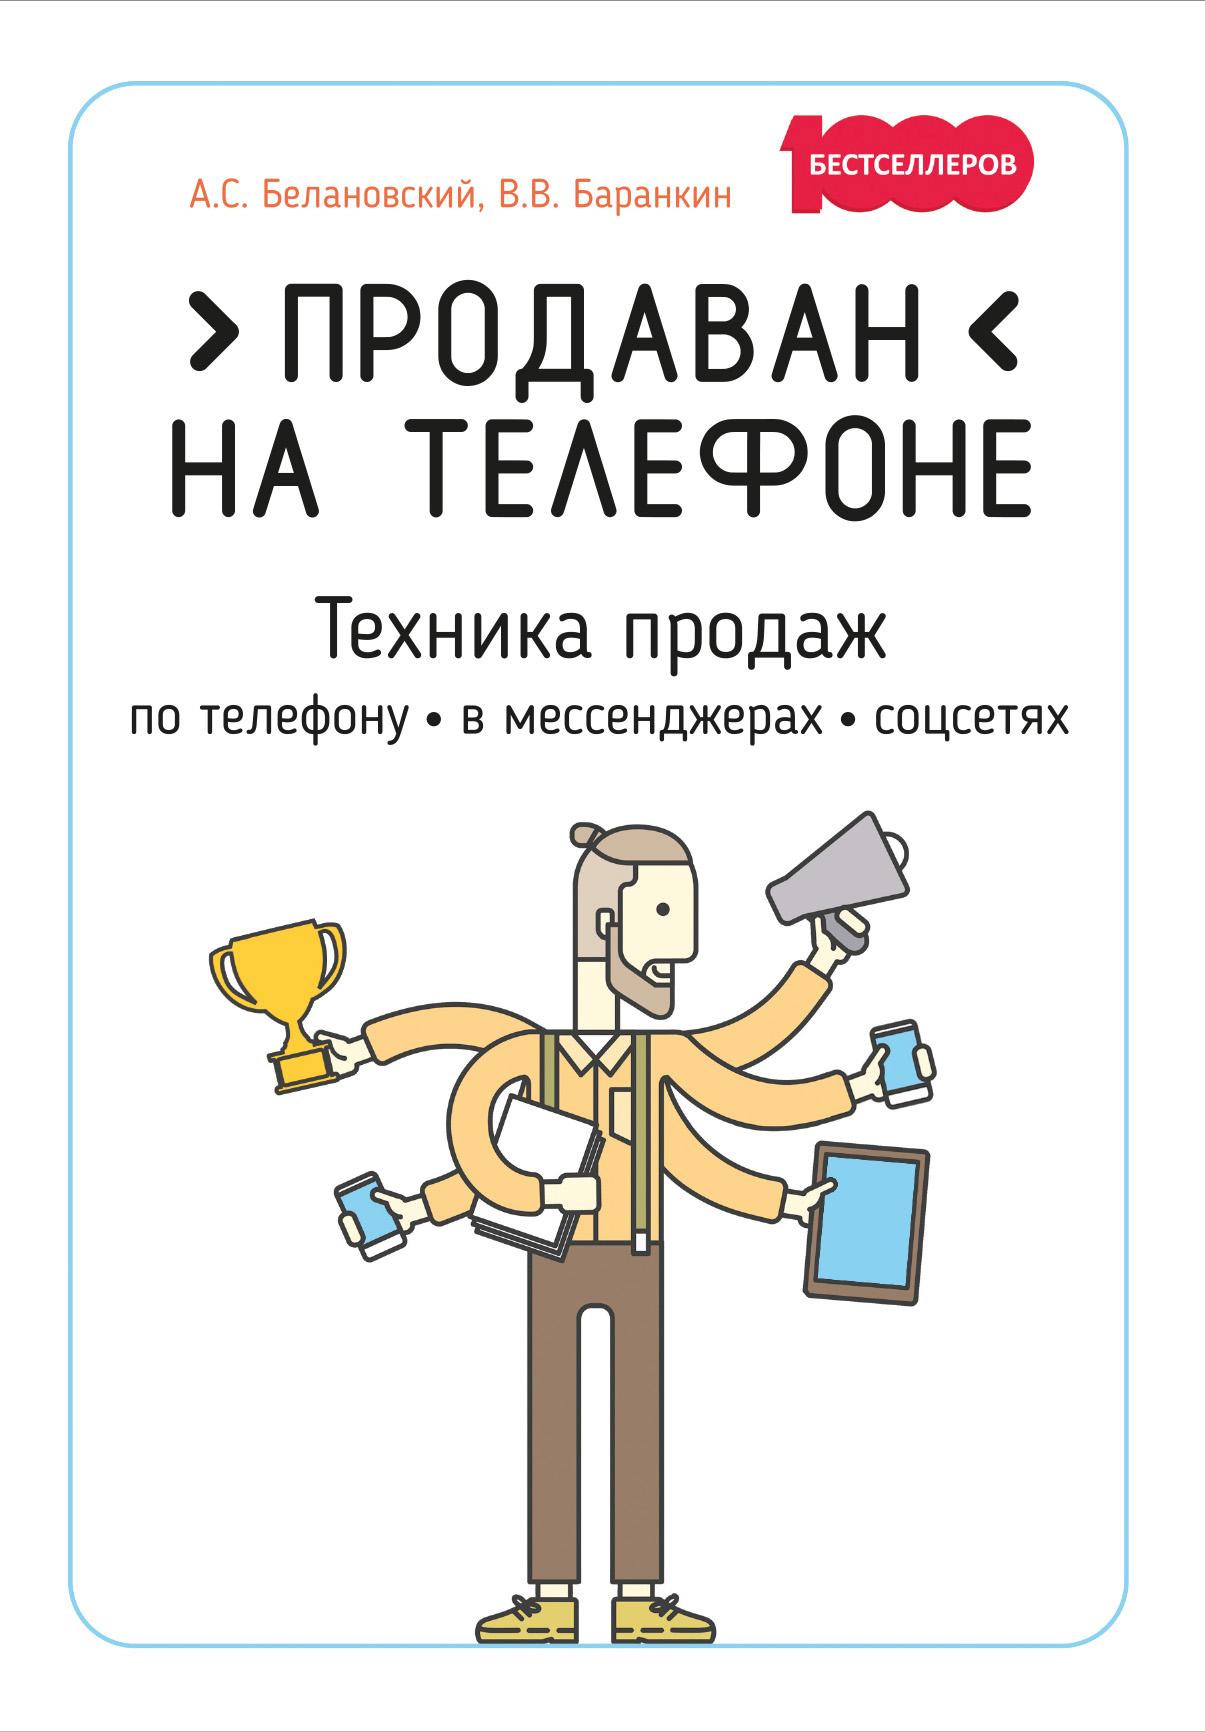 prodavan na telefone tekhnika prodazh po telefonu v messendzherakh sotssetyakh